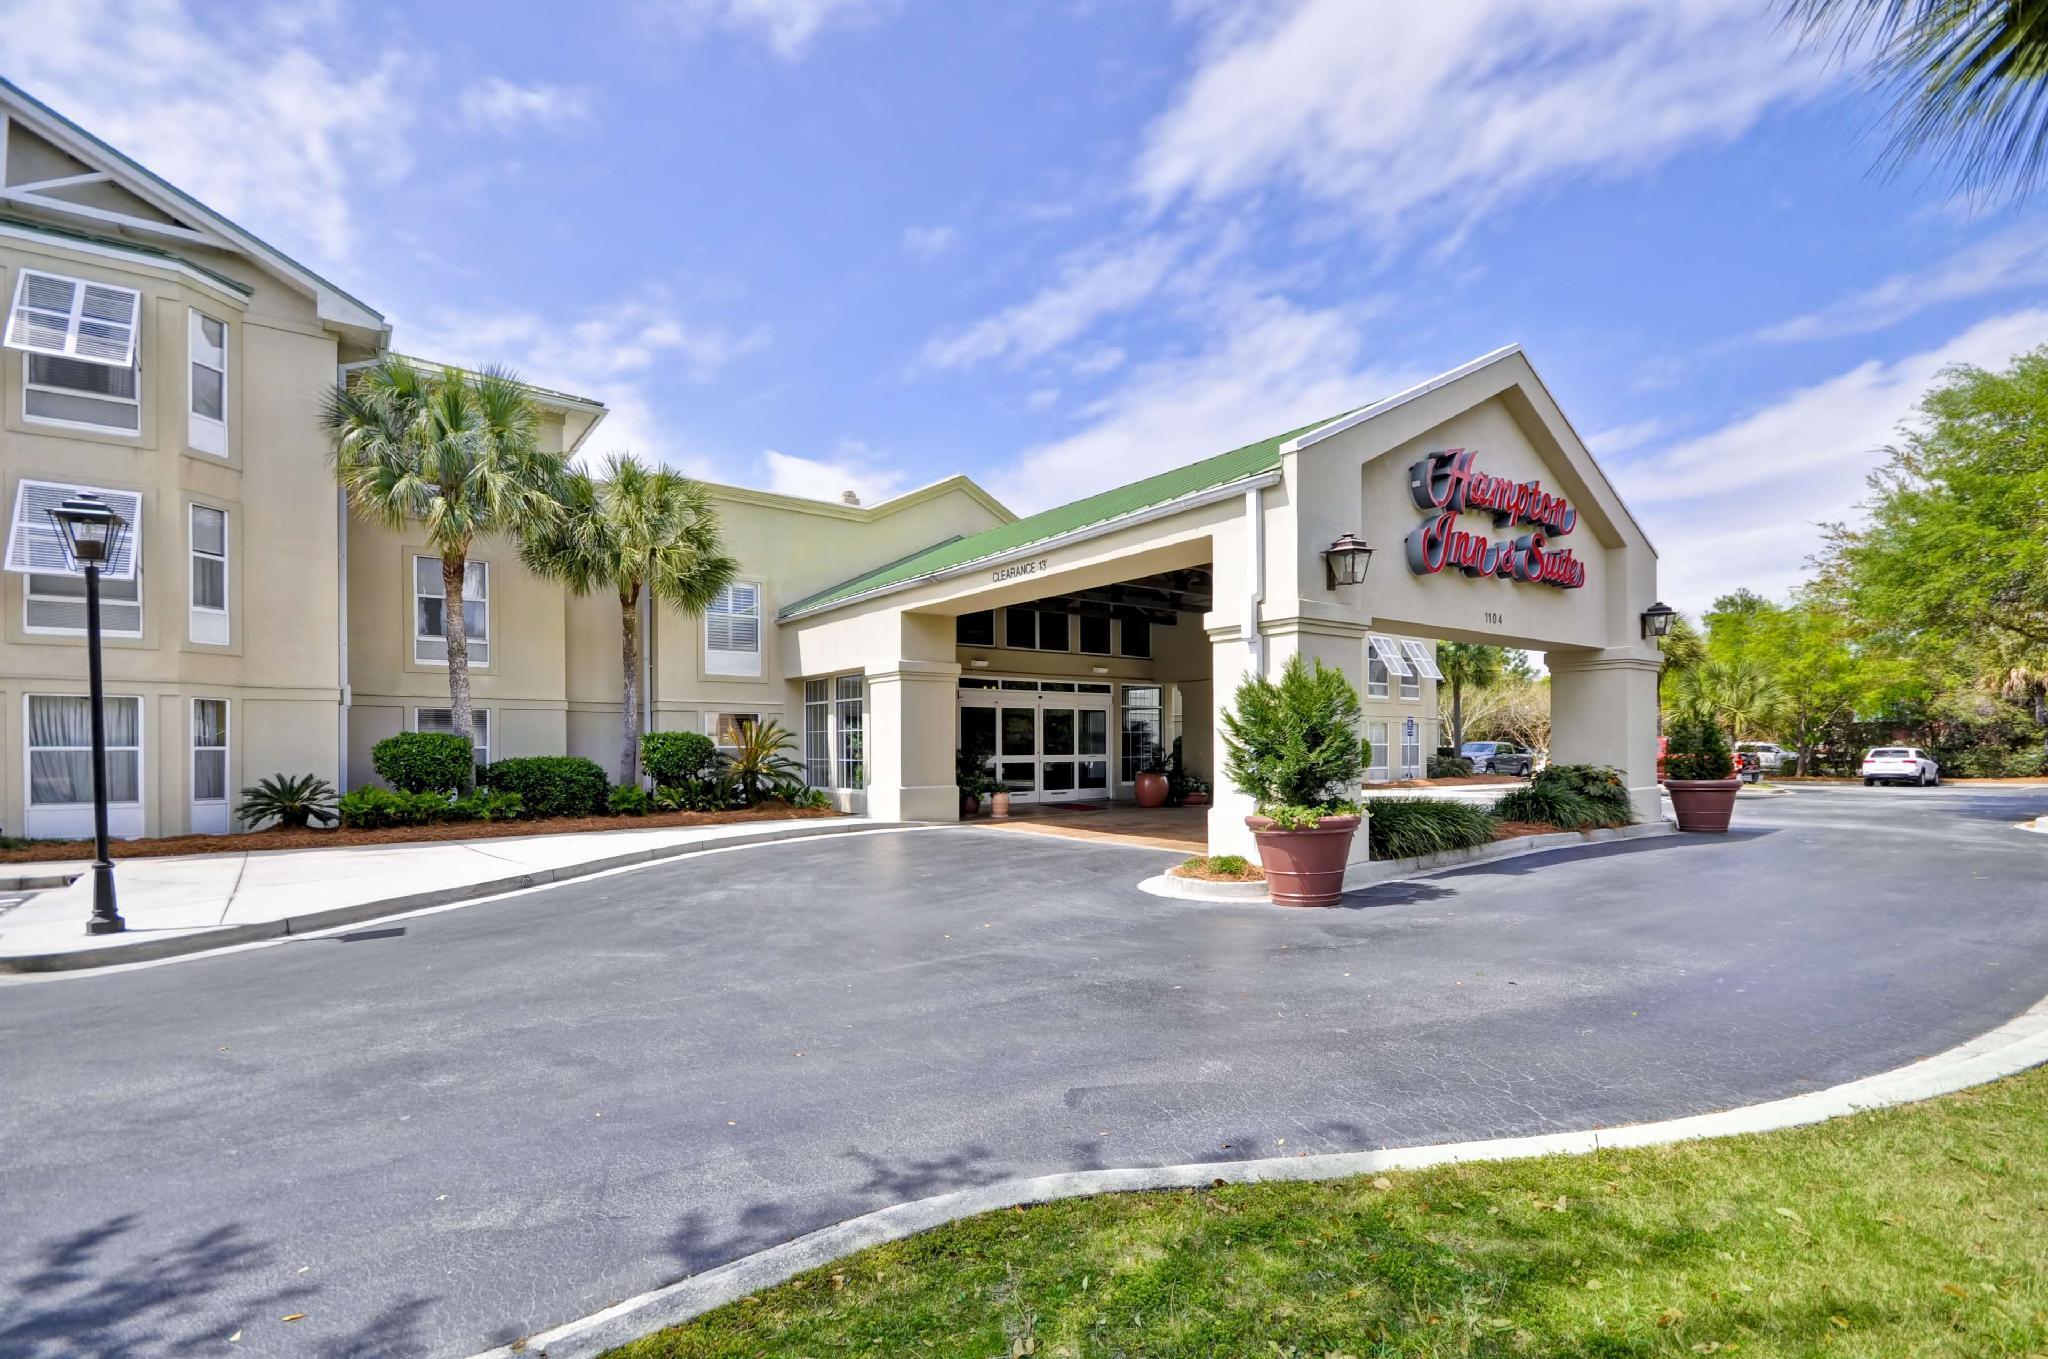 Hampton Inn And Suites Charleston Mt.Pleasant Isle Of Palms